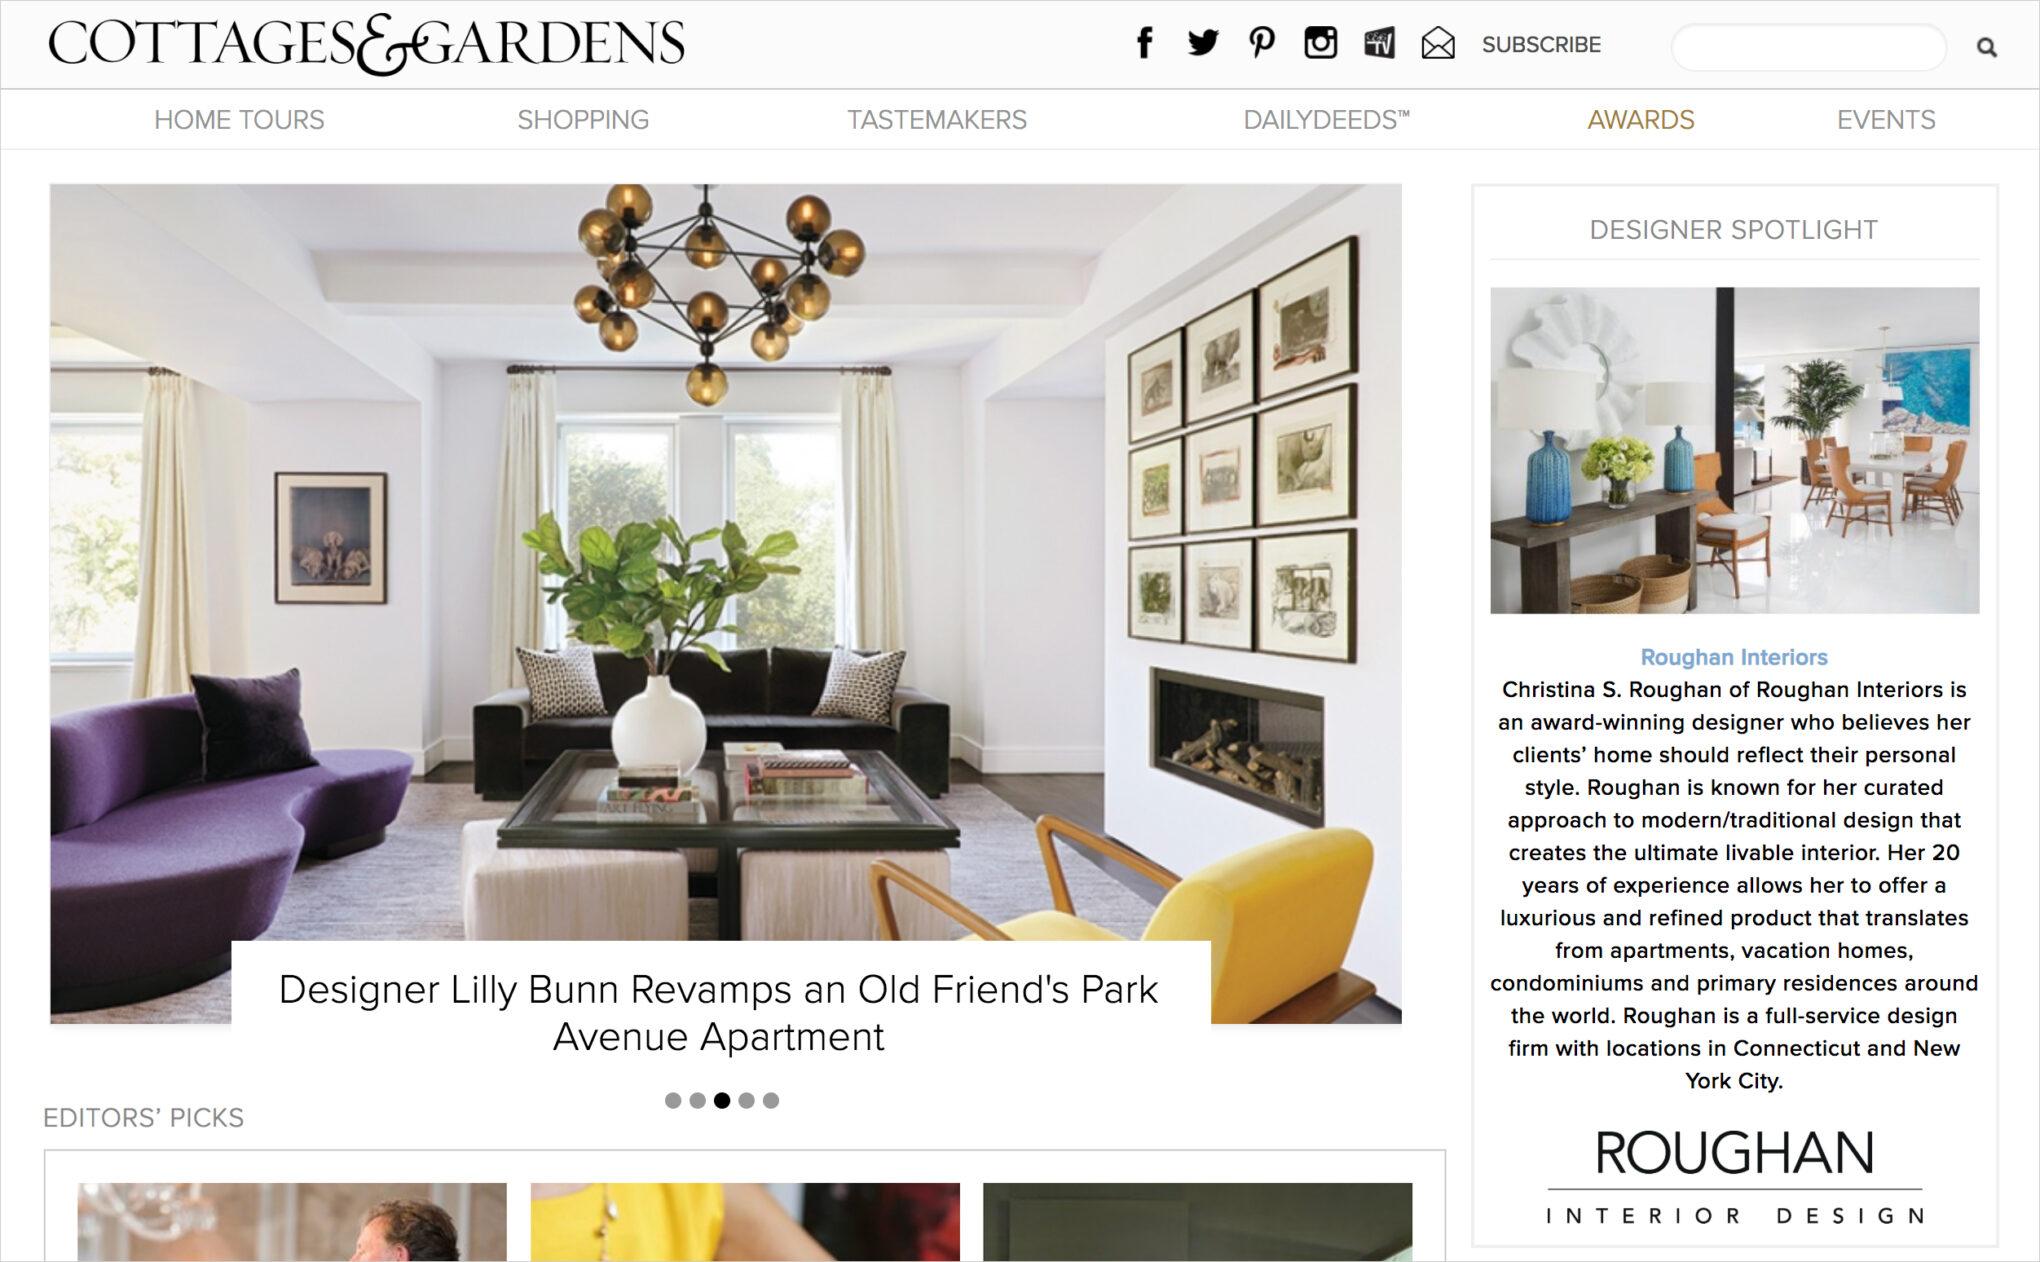 baf212d976d6 Designer Spotlight for Cottages and Gardens - Roughan Interiors